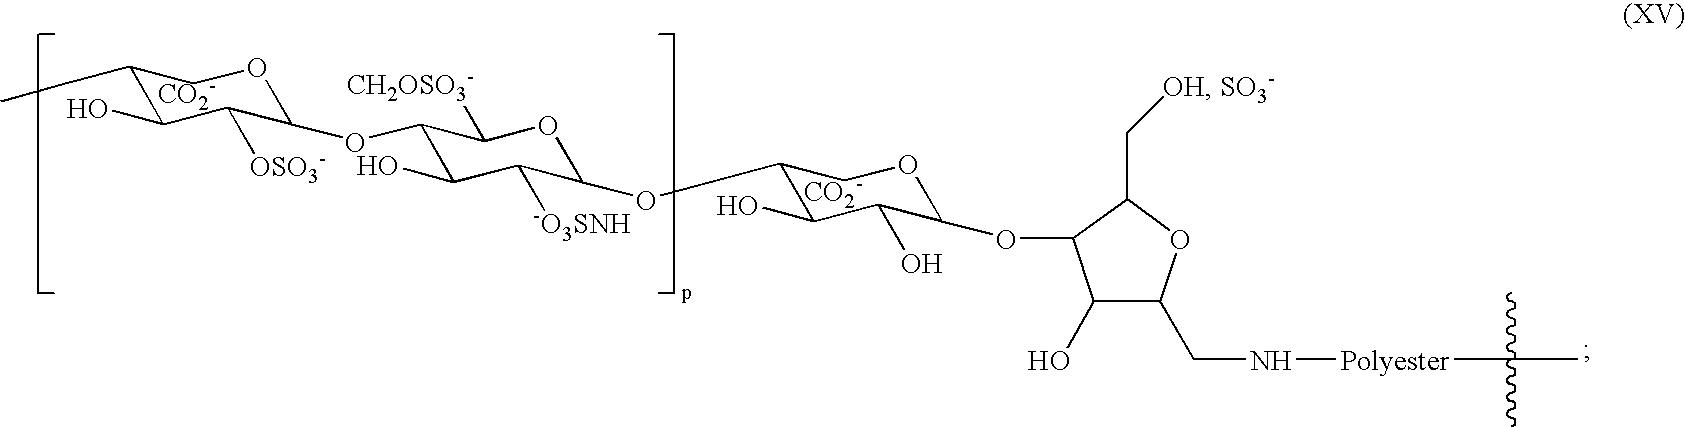 Figure US07214759-20070508-C00017